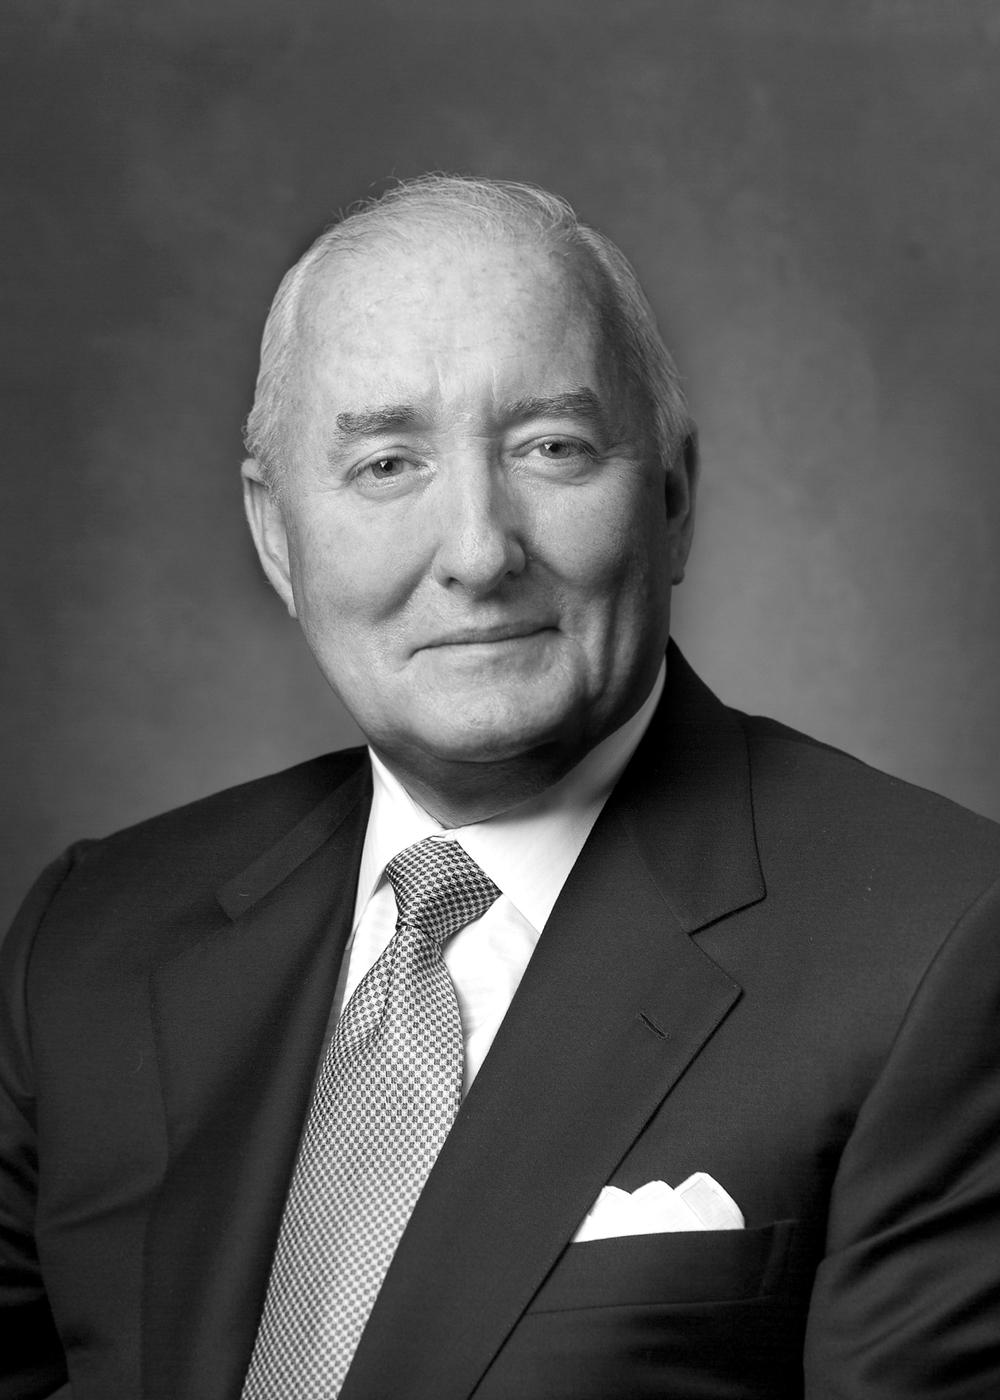 CEO Portrait- Glaxo Smith Kline, RTP, NC